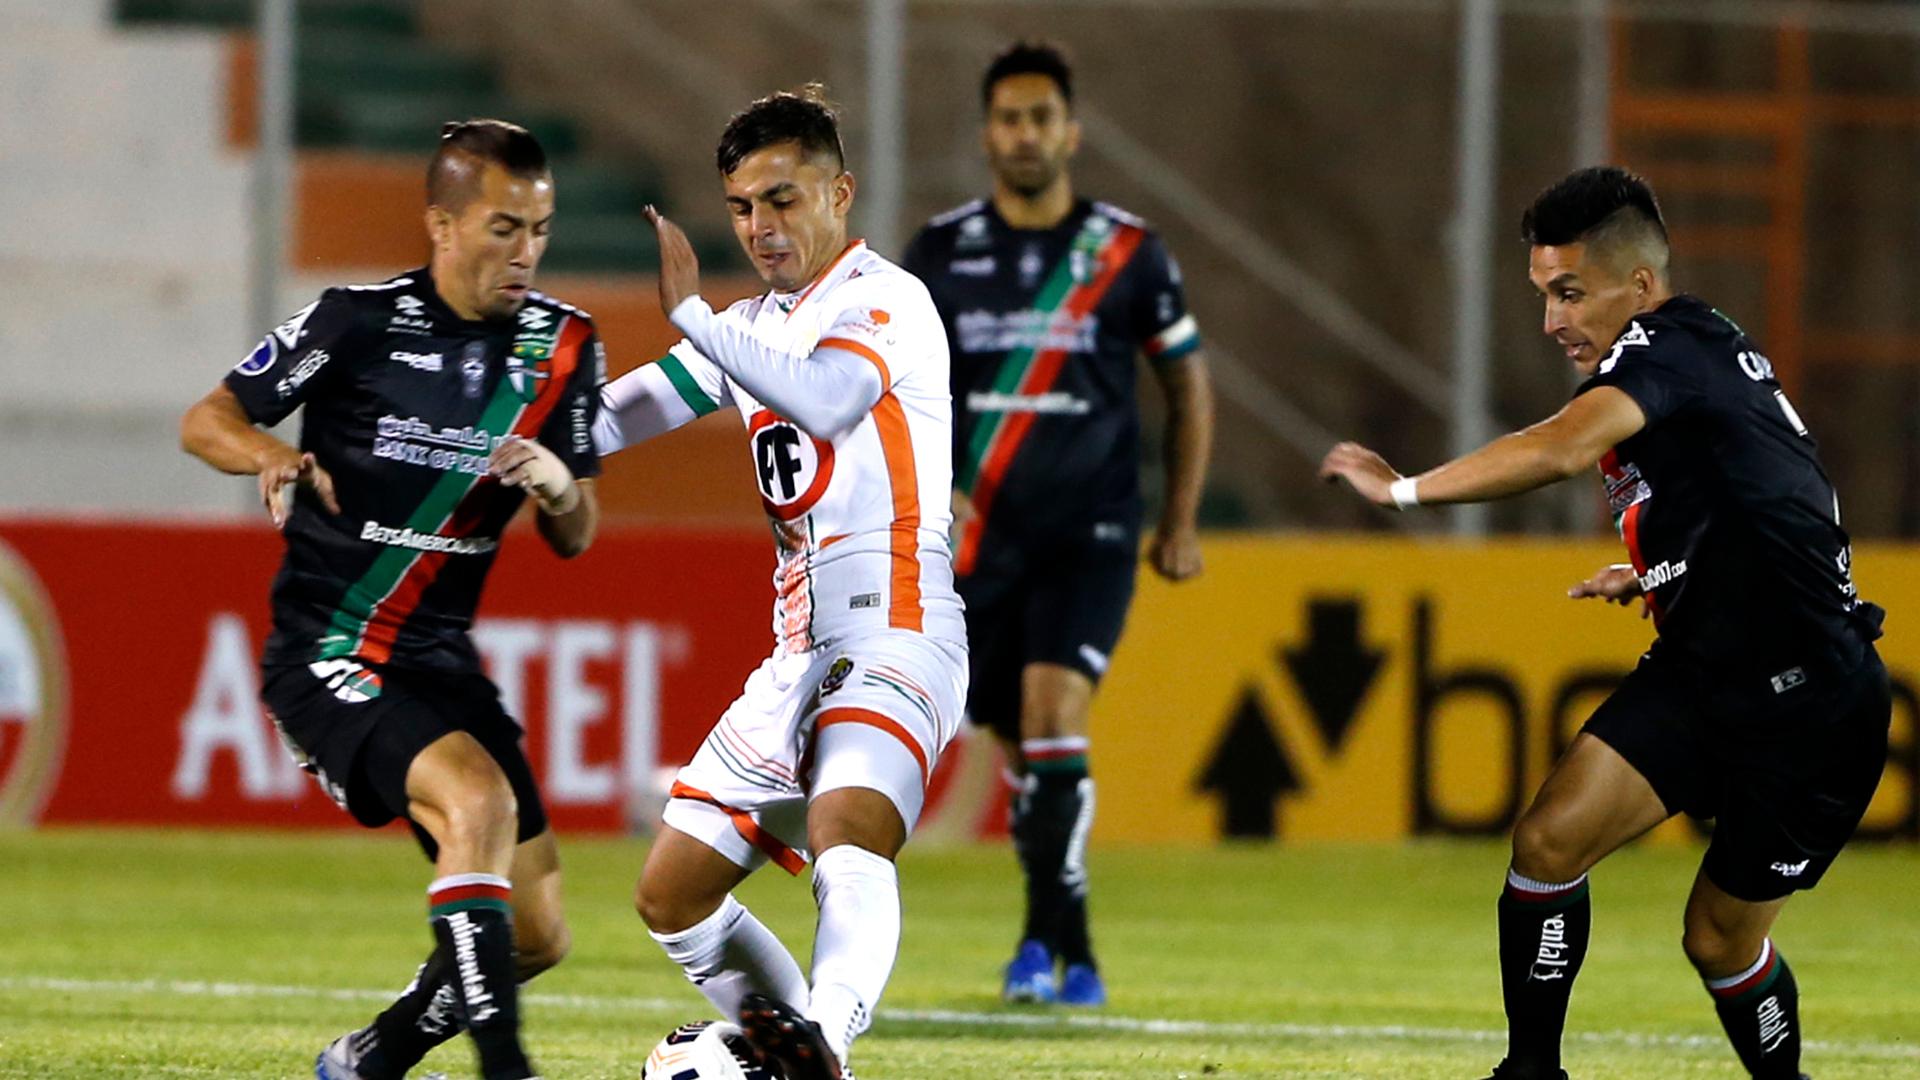 Palestino vs. Cobresal, por la Copa Sudamericana: formaciones, día, hora y cómo ver en TV y online | Goal.com